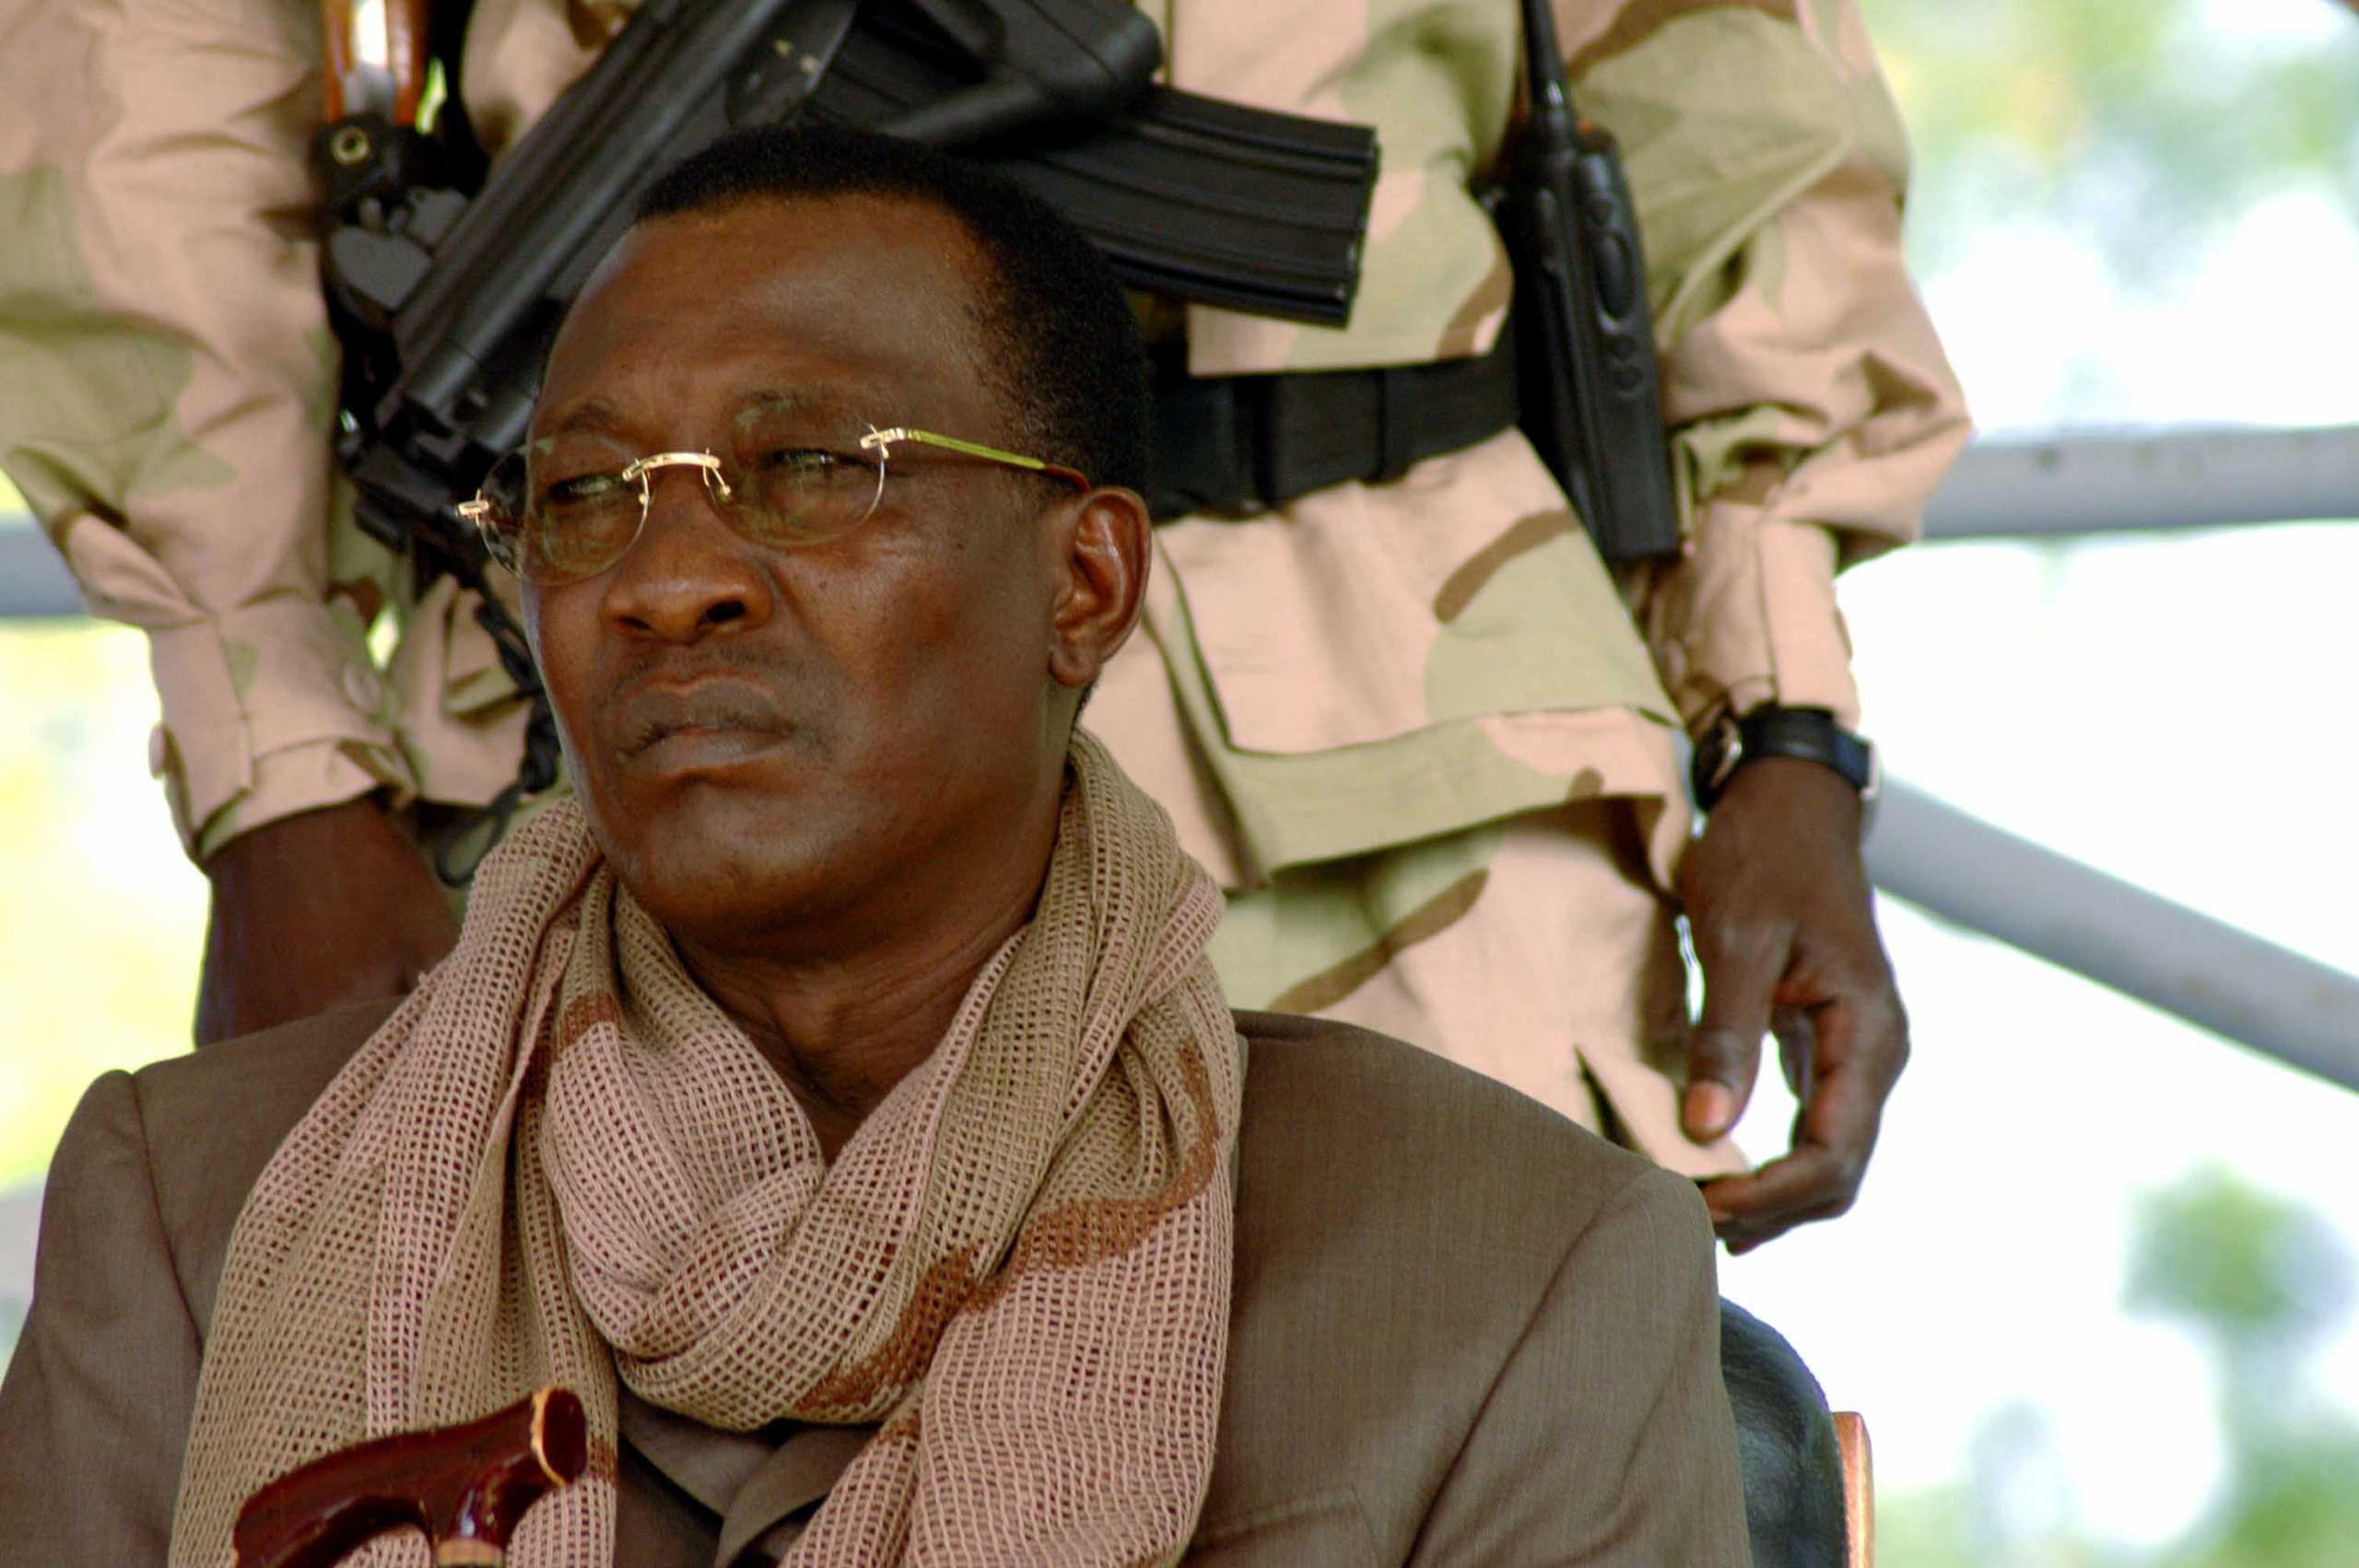 Νεκρός ο πρόεδρος του Τσαντ – Σκοτώθηκε σε μάχες με αντάρτες